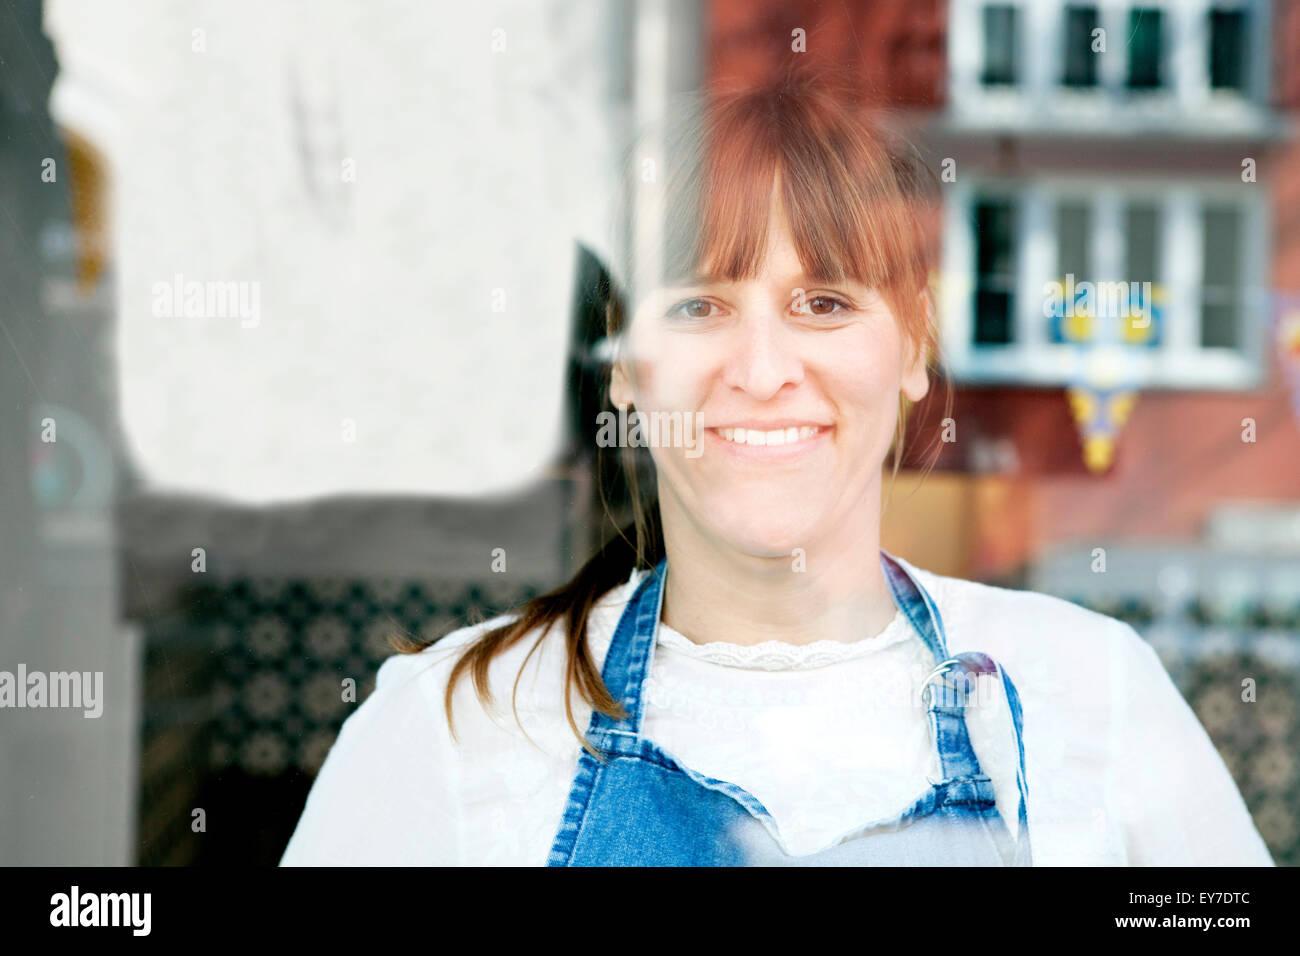 Femmina proprietario cafe, ritratto Immagini Stock